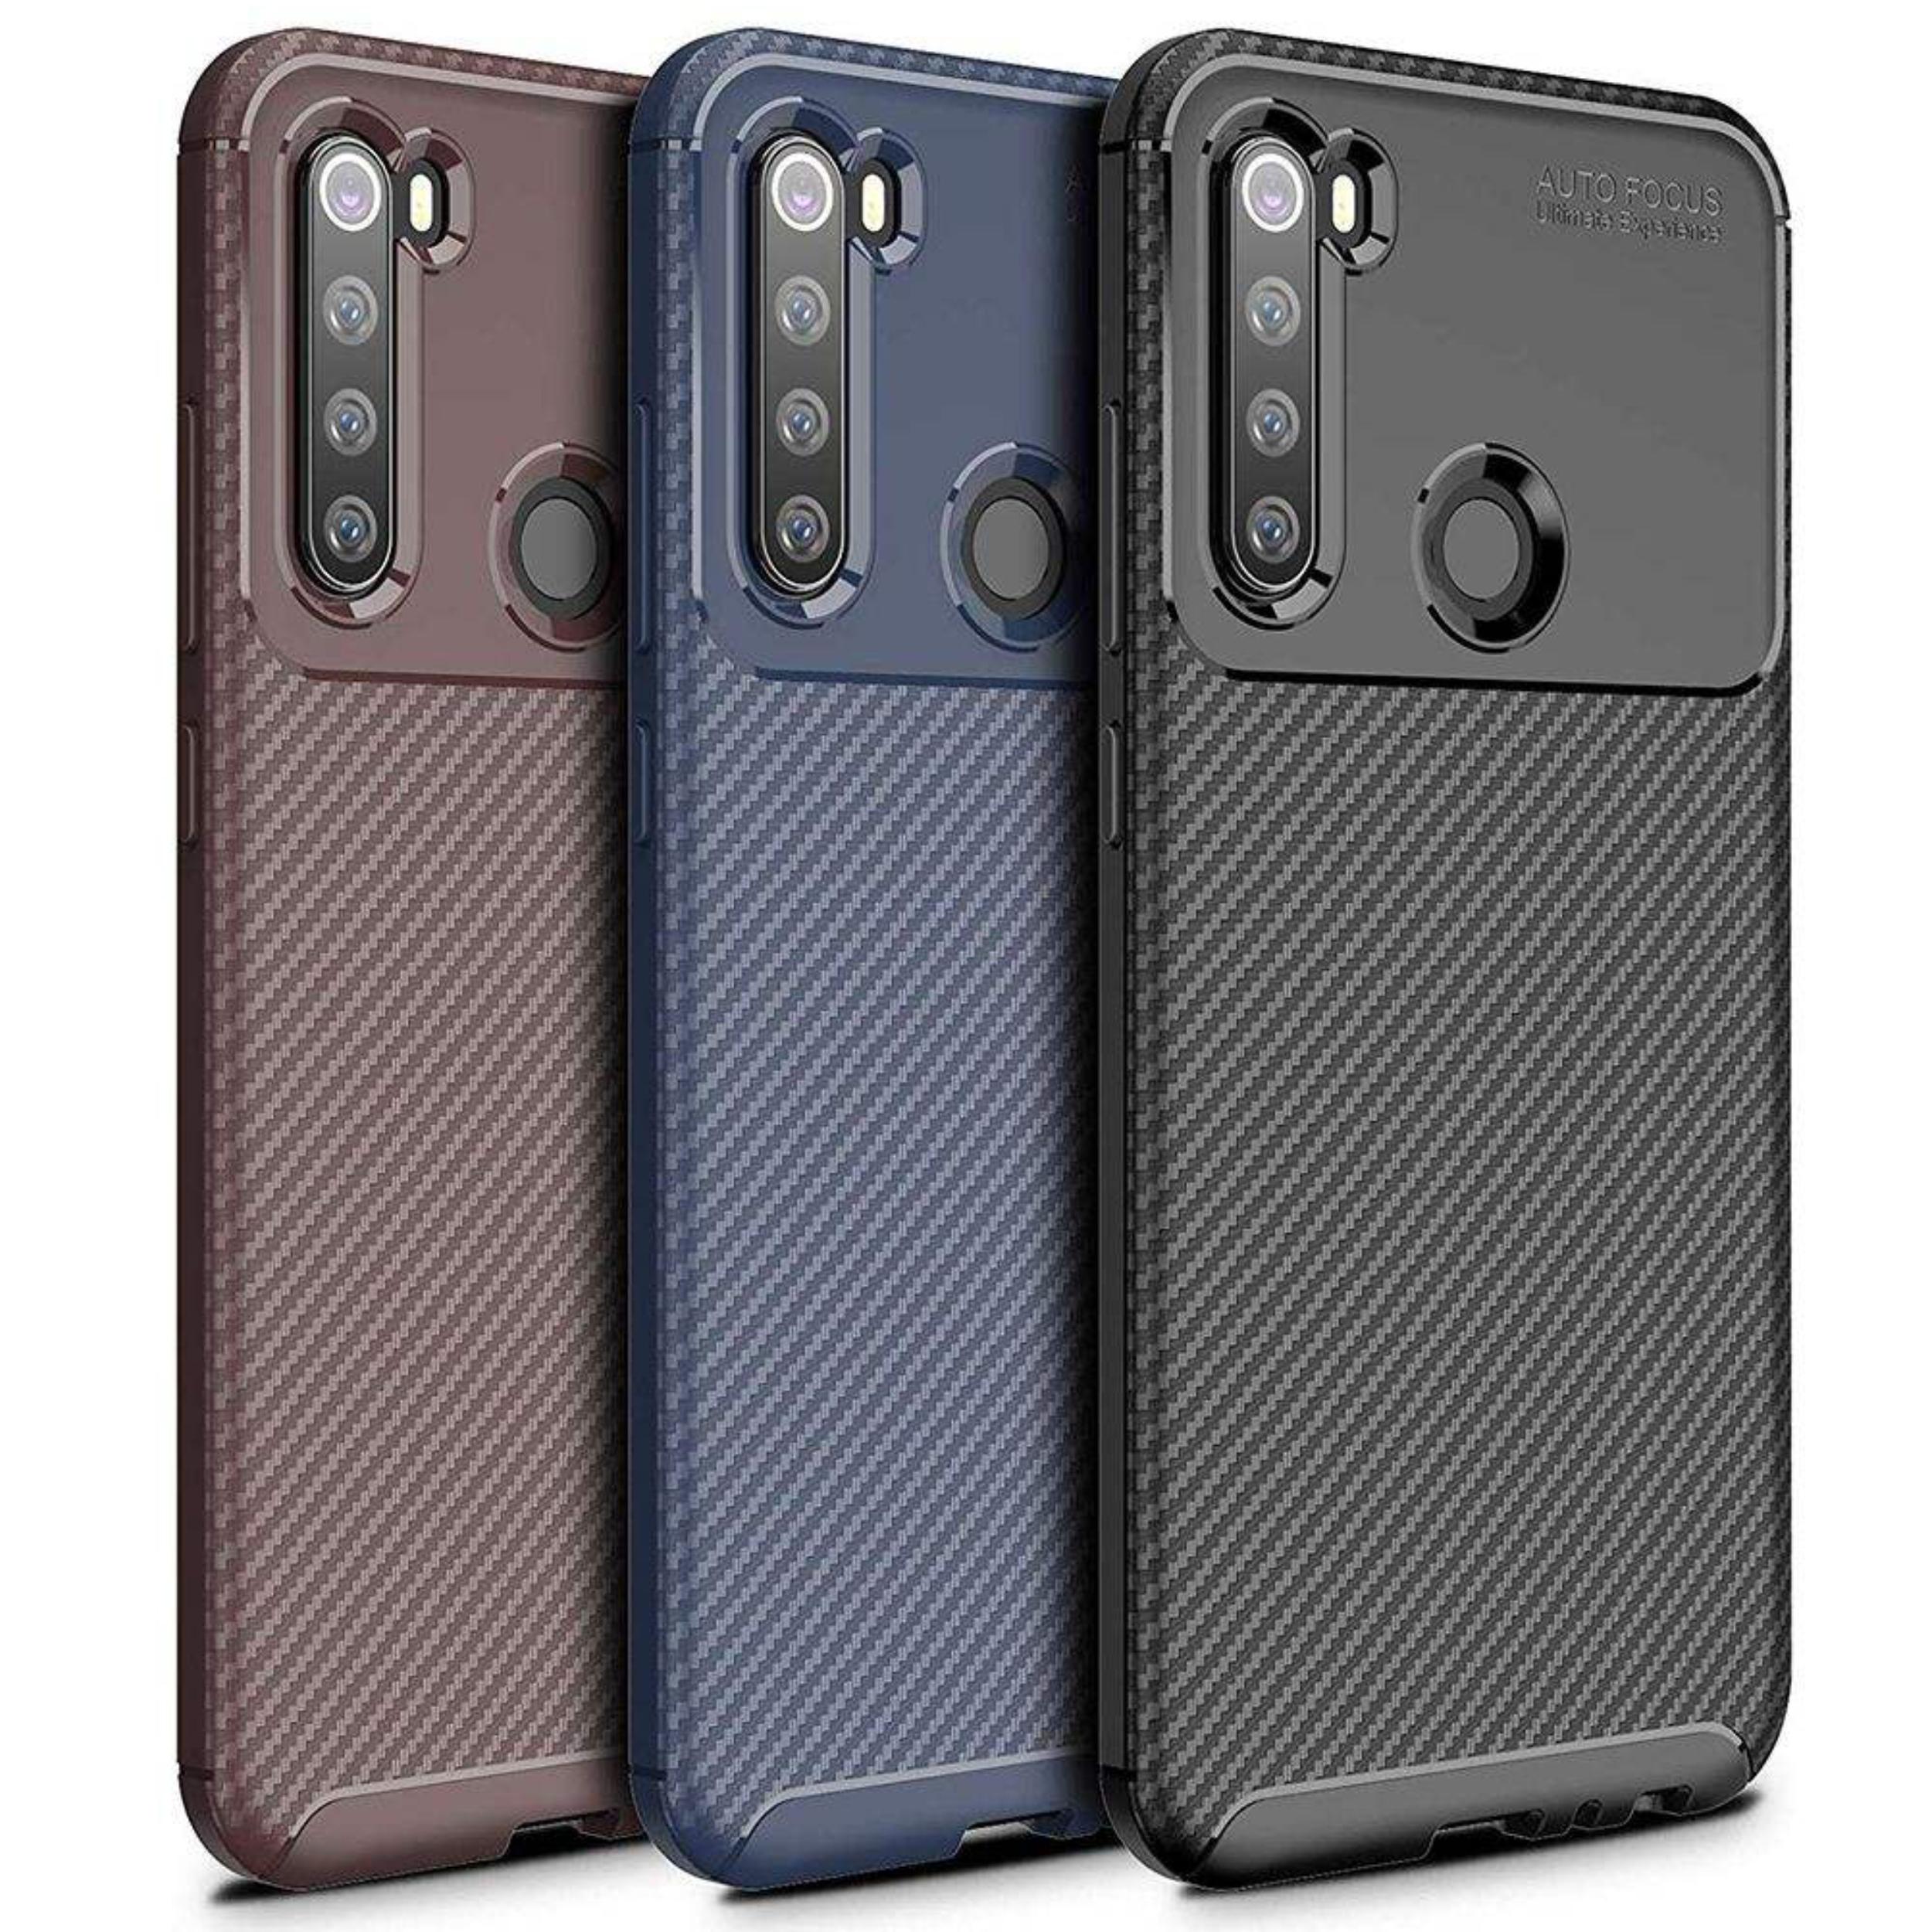 کاور لاین کینگ مدل A21 مناسب برای گوشی موبایل شیائومی Redmi Note 8 thumb 2 5